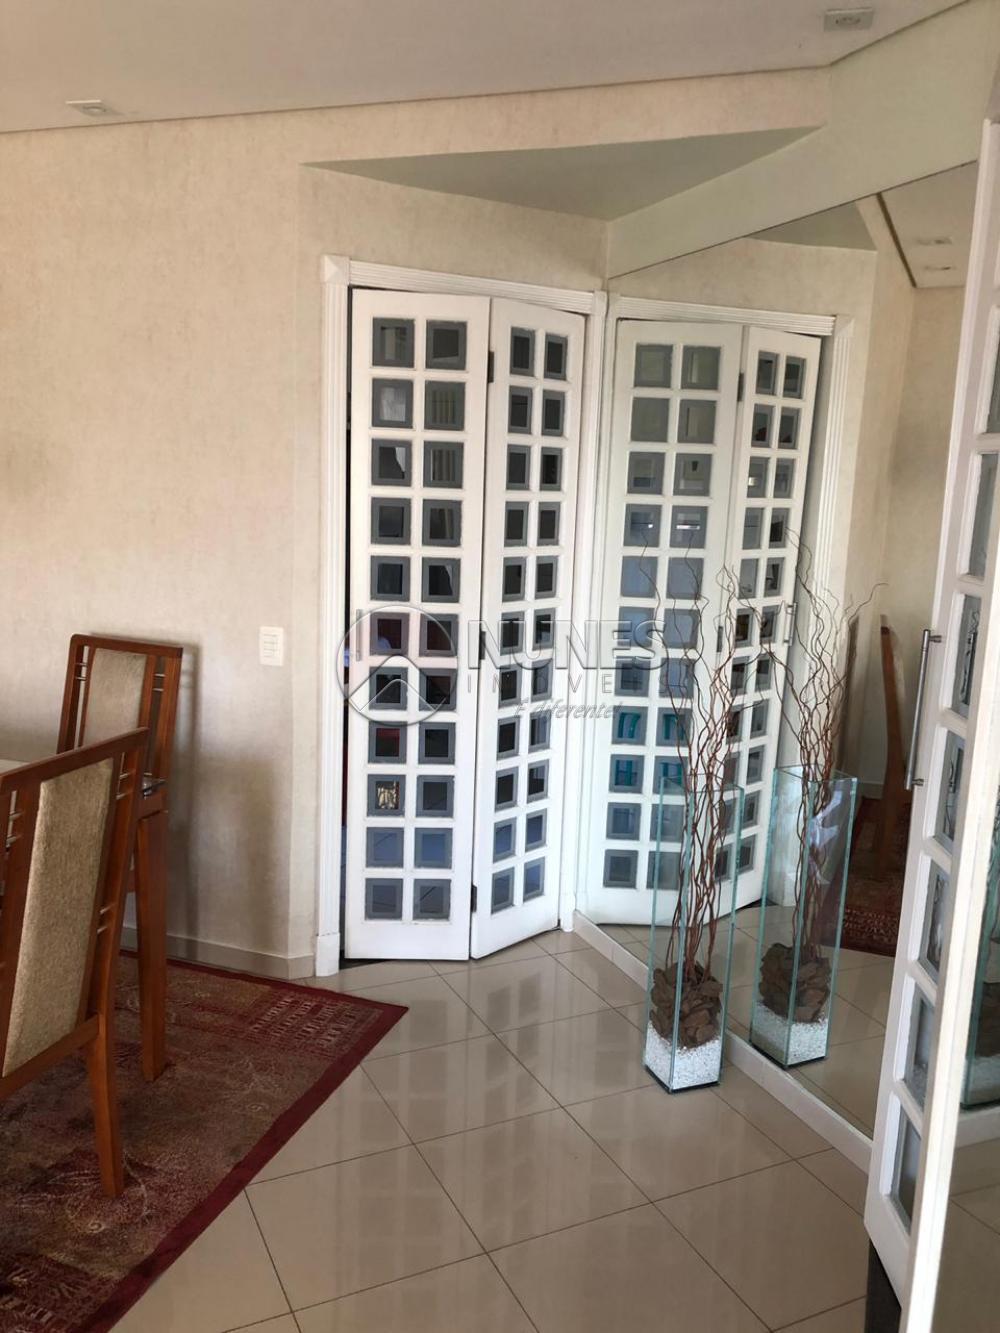 Comprar Apartamento / Padrão em Osasco apenas R$ 720.000,00 - Foto 4